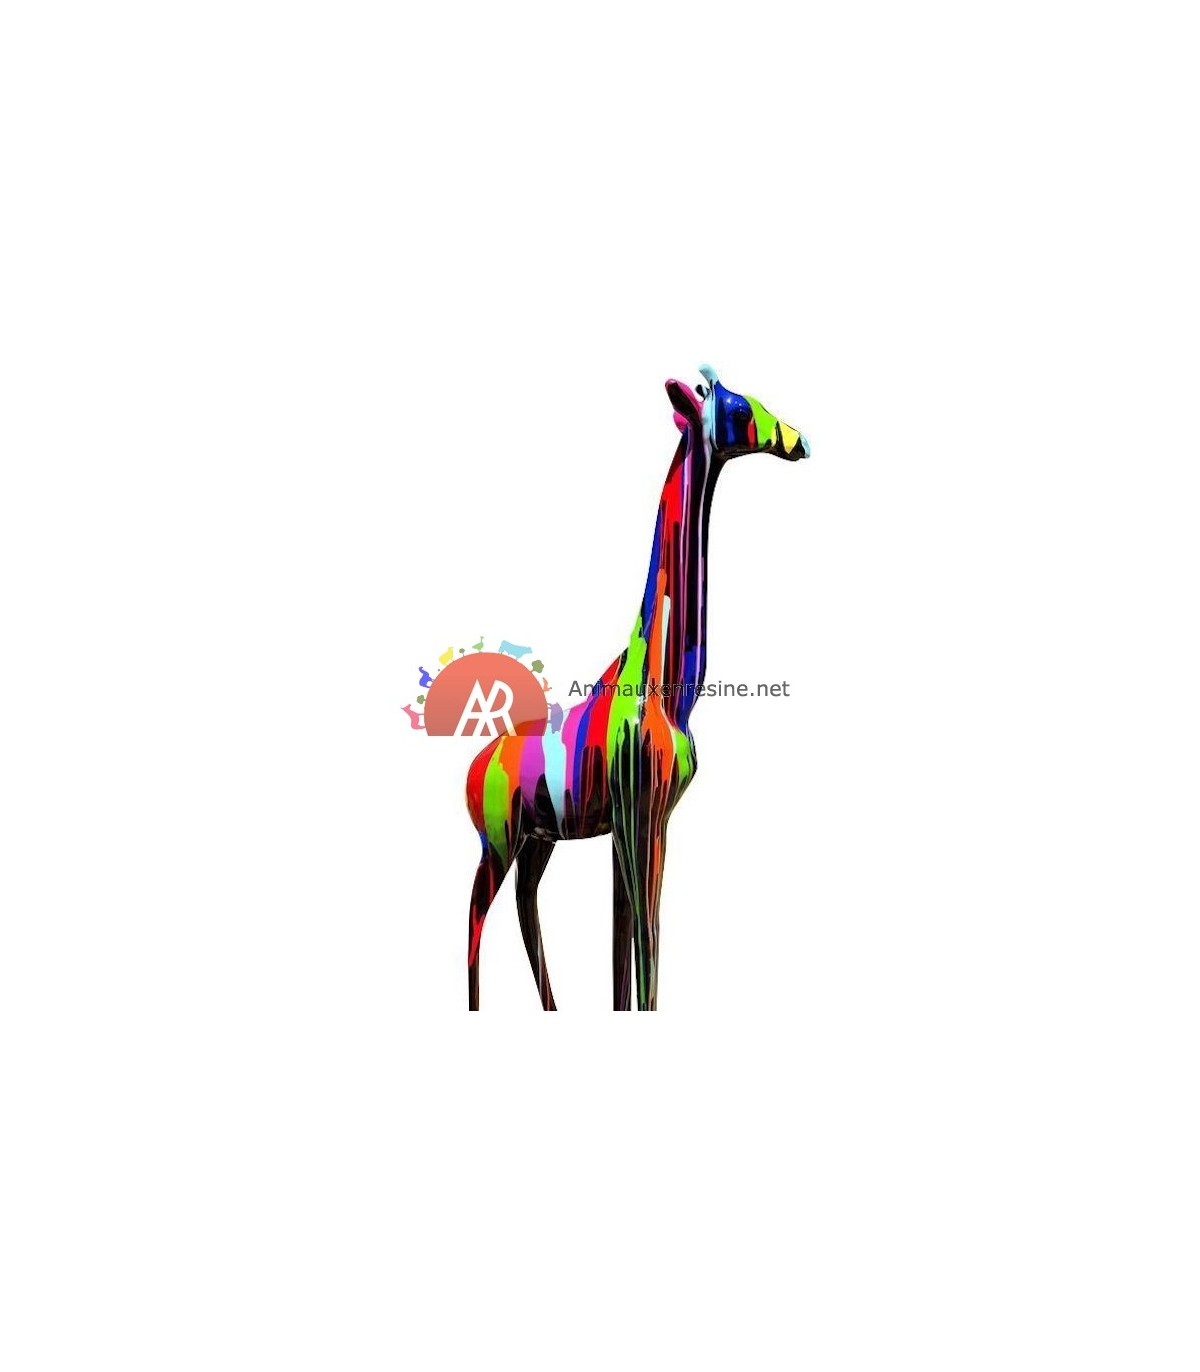 Girafe Decorative Grand Modèle En Résine Trash intérieur Nain De Jardin Fuck